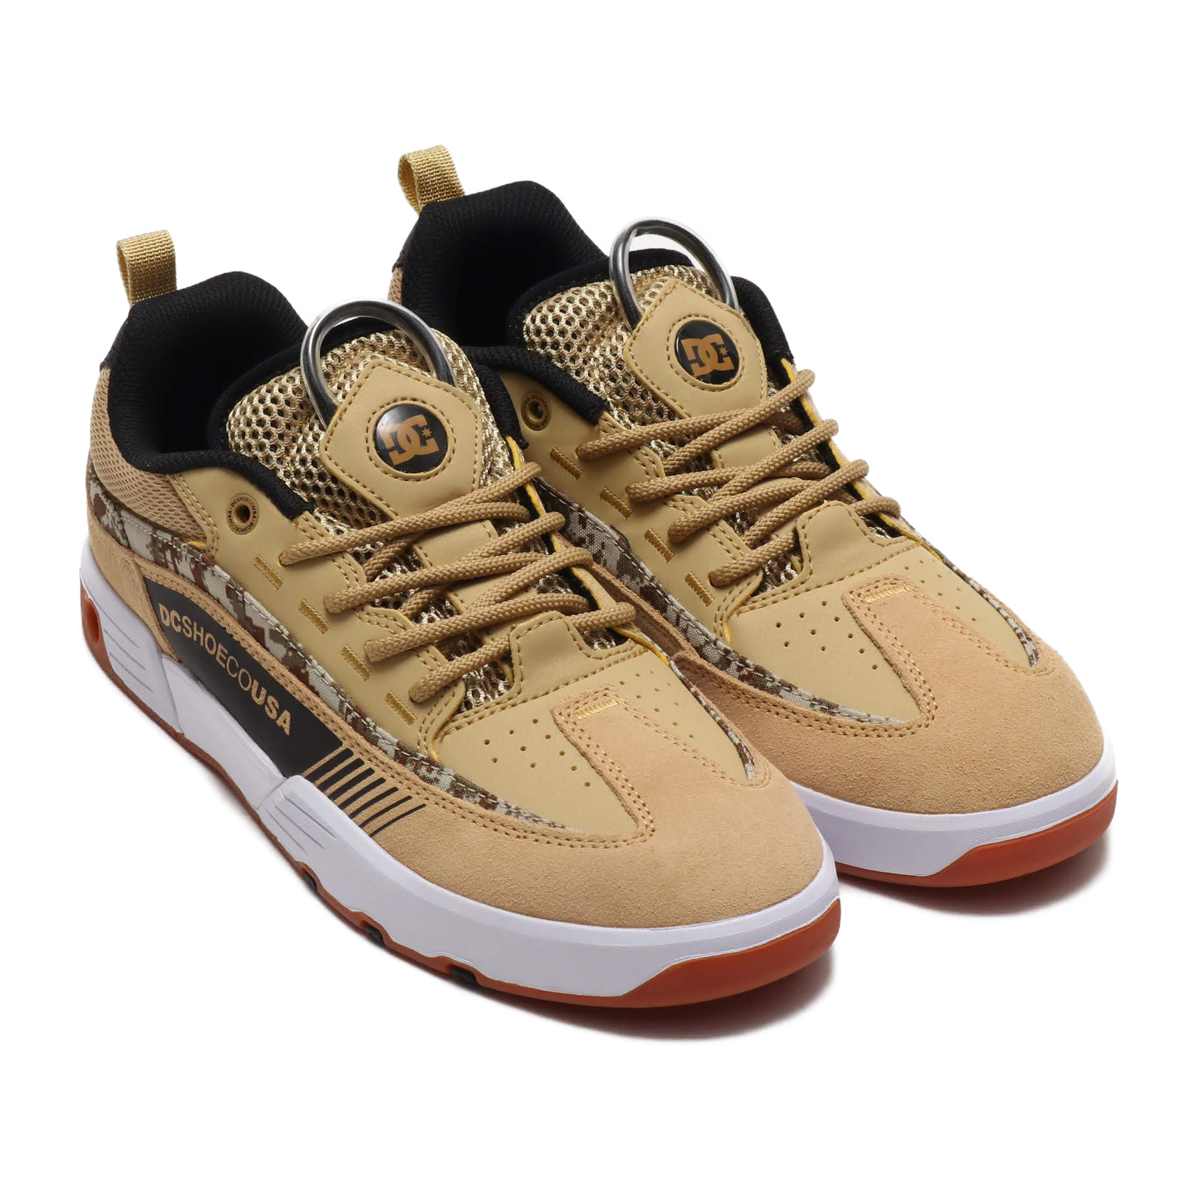 legacy 98 slim s skate shoes